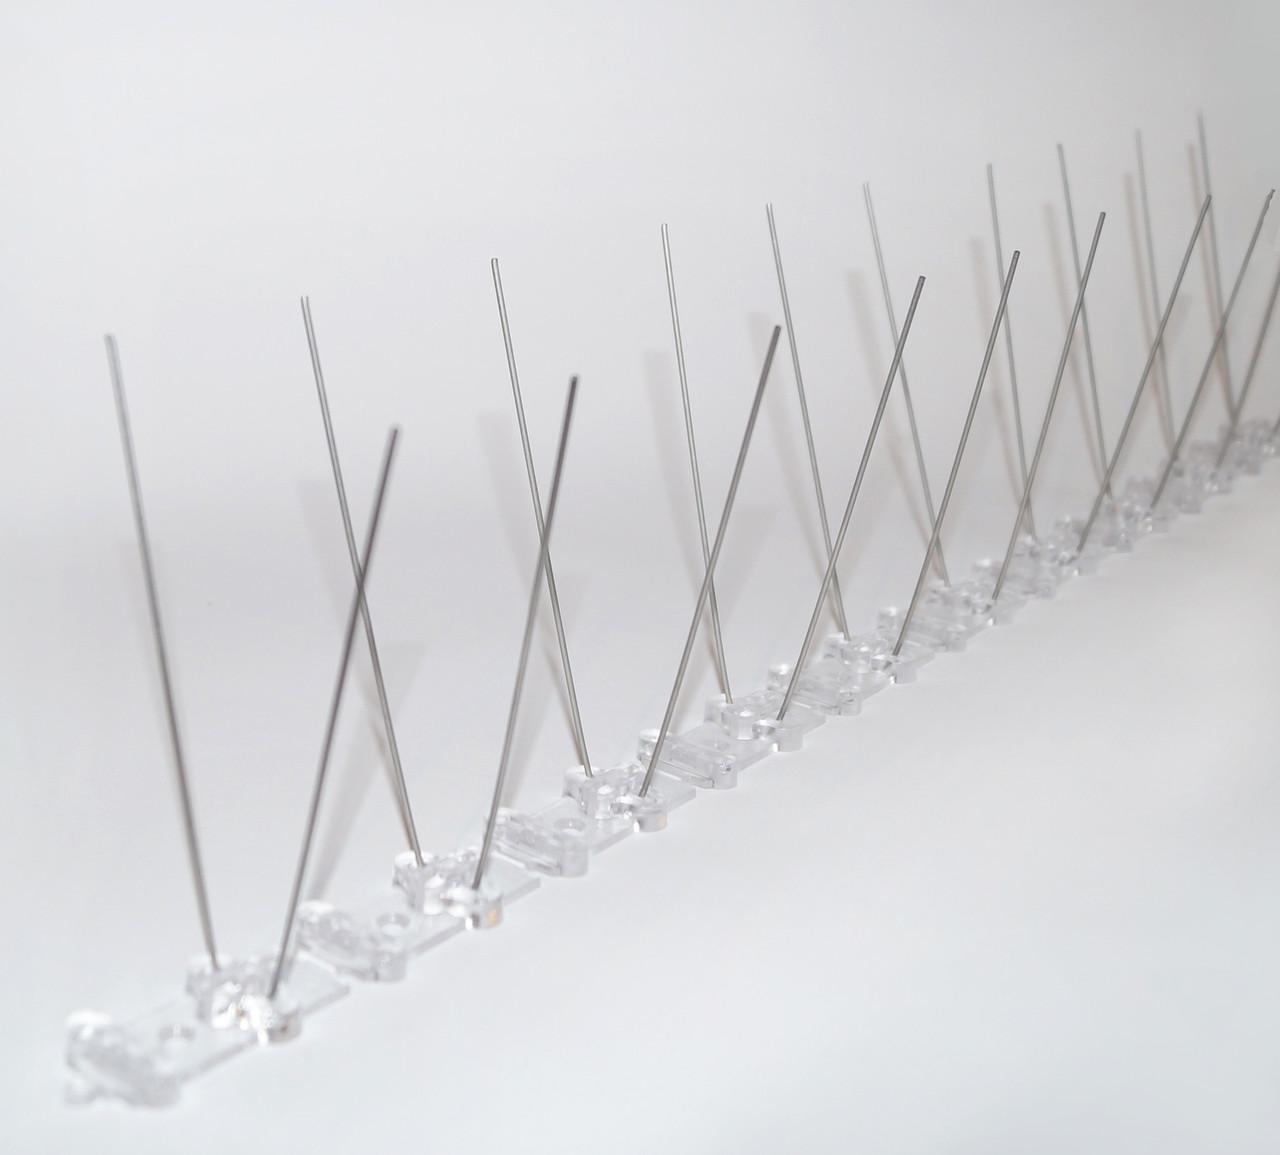 Шипы от птиц Jacopic, набор 10 метров